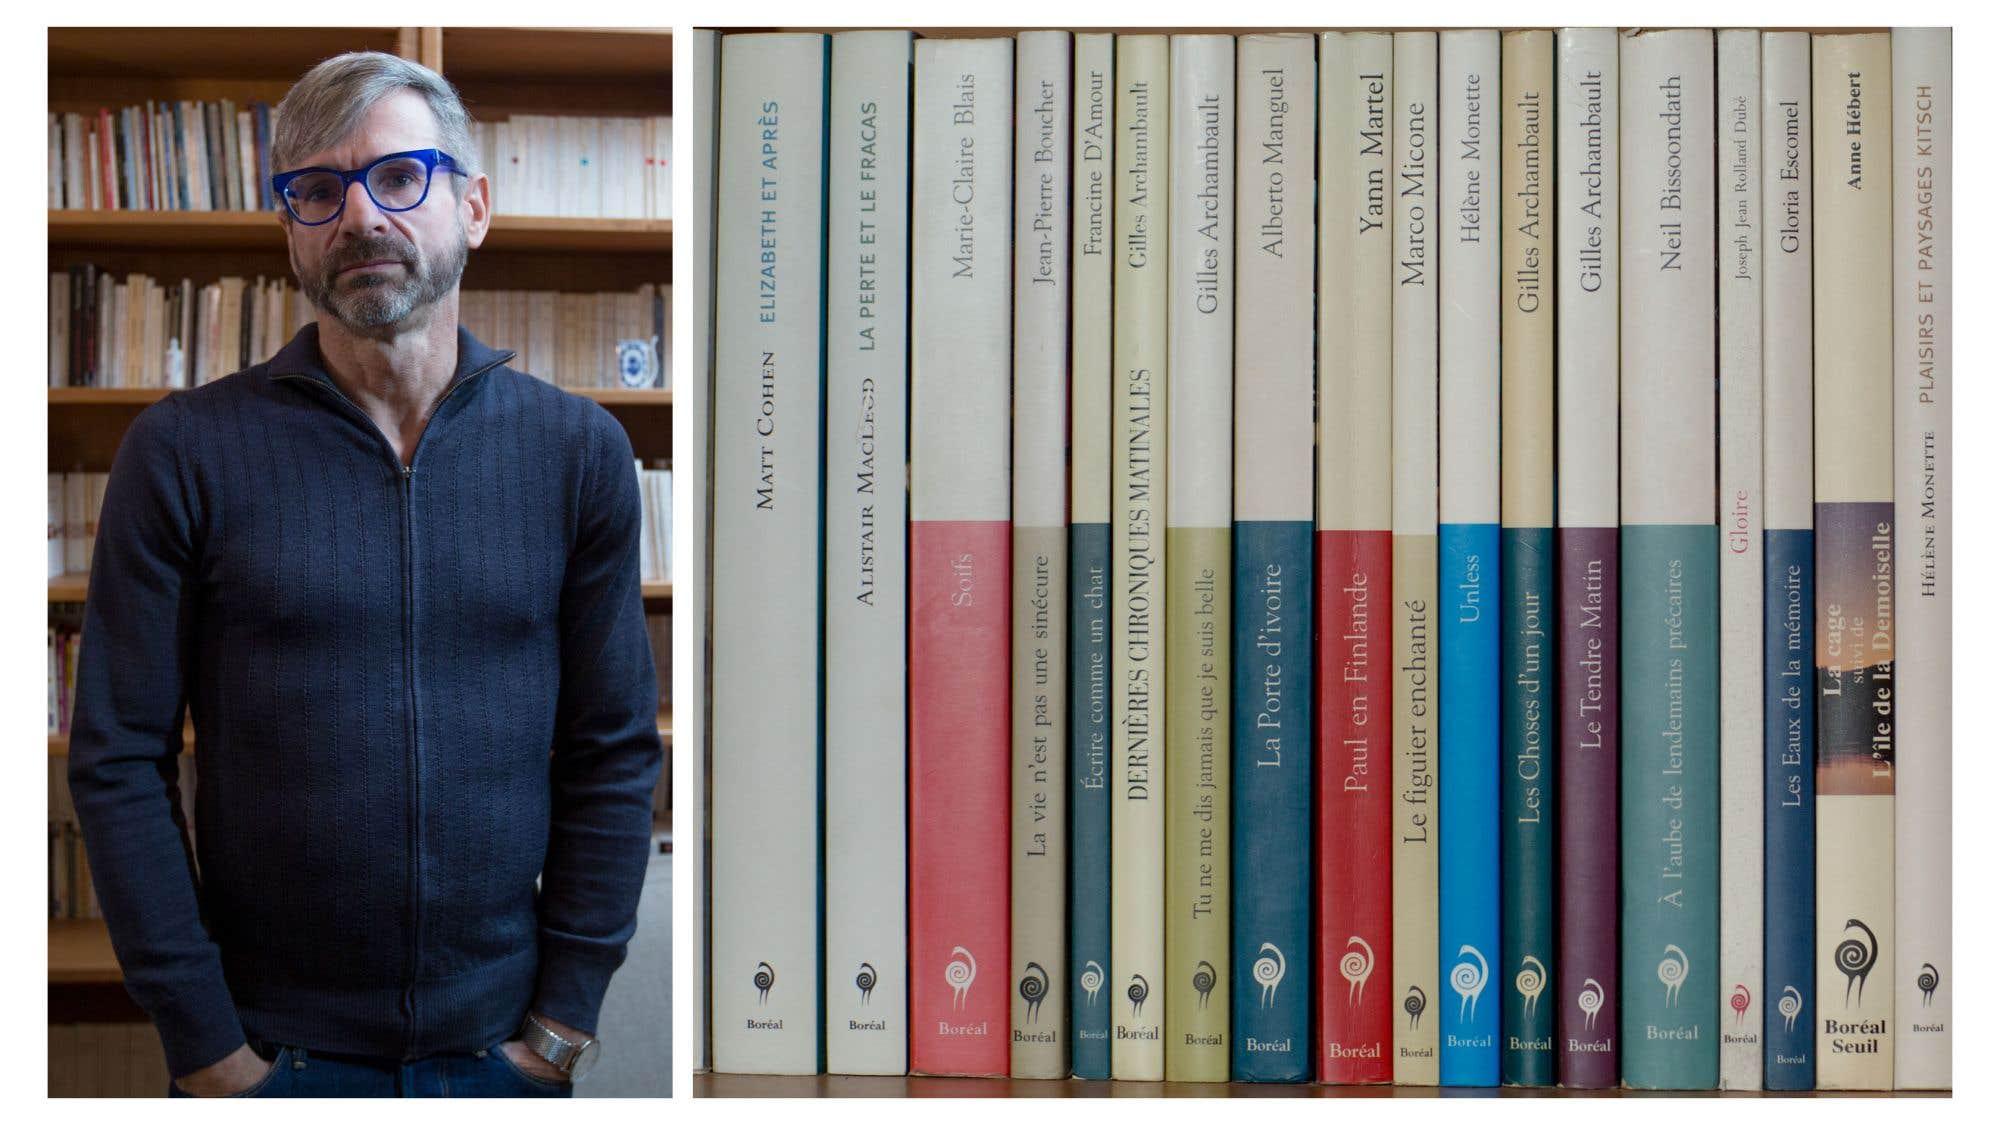 Hervé Guay, professeur d'études théâtrales à l'UQTR, n'aime pas l'idée de mêler aux livres les CD, DVD et vidéos, et préfère ne pas exposer ces derniers à la vue. «Il se dégage pour moi tant de beauté, de beauté sensible, de chaleur, de l'objet livre», précise-t-il. Il en garde 1500 à la maison et quelque 800 à son bureau à l'université. «Je considère que les ouvrages de mon bureau sont tout aussi personnels que ceux qui sont à la maison; certains, même plus.» De quoi est faite sa biblio? «60 % de romans et nouvelles, 15 % de théâtre, 15 % d'essais, 5 % de poésie et 5 % de beaux livres ou de livres pratiques. Parmi les livres, ou plutôt les œuvres auxquelles je suis le plus attaché, il y a les poèmes de Cavafy, le théâtre de Pirandello et les romans de Pavese, surtout Le bel été. Bien d'autres livres m'ont touché ou fait réfléchir, mais j'ai découvert ces trois-là au début de la vingtaine, un temps où j'étais encore impressionnable.»